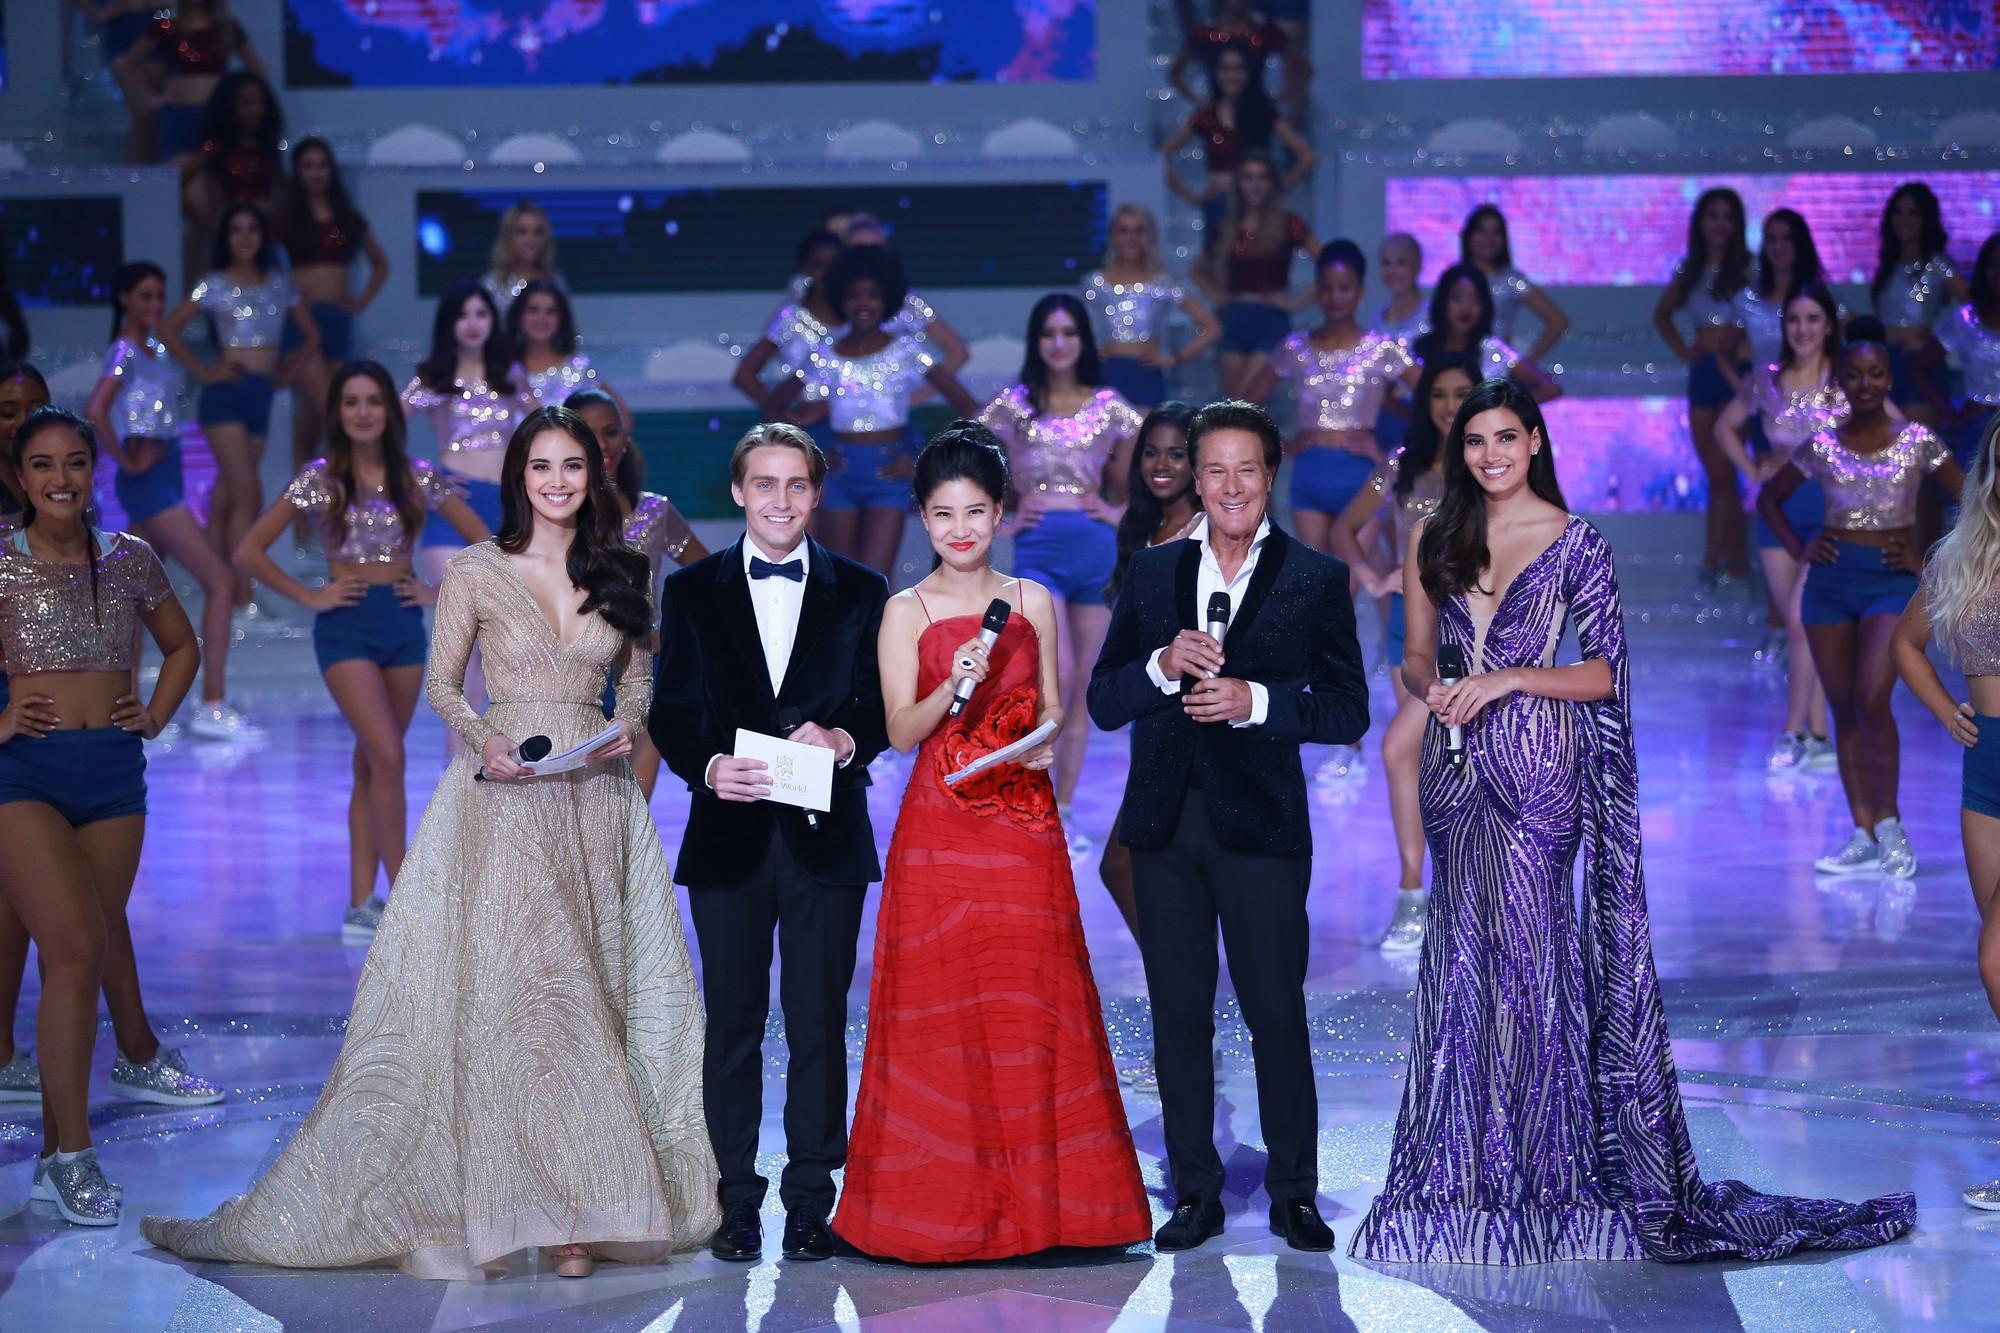 Hoa hậu Việt Nam Trần Tiểu Vy trượt Top 12 Miss World 2018 - Ảnh 1.